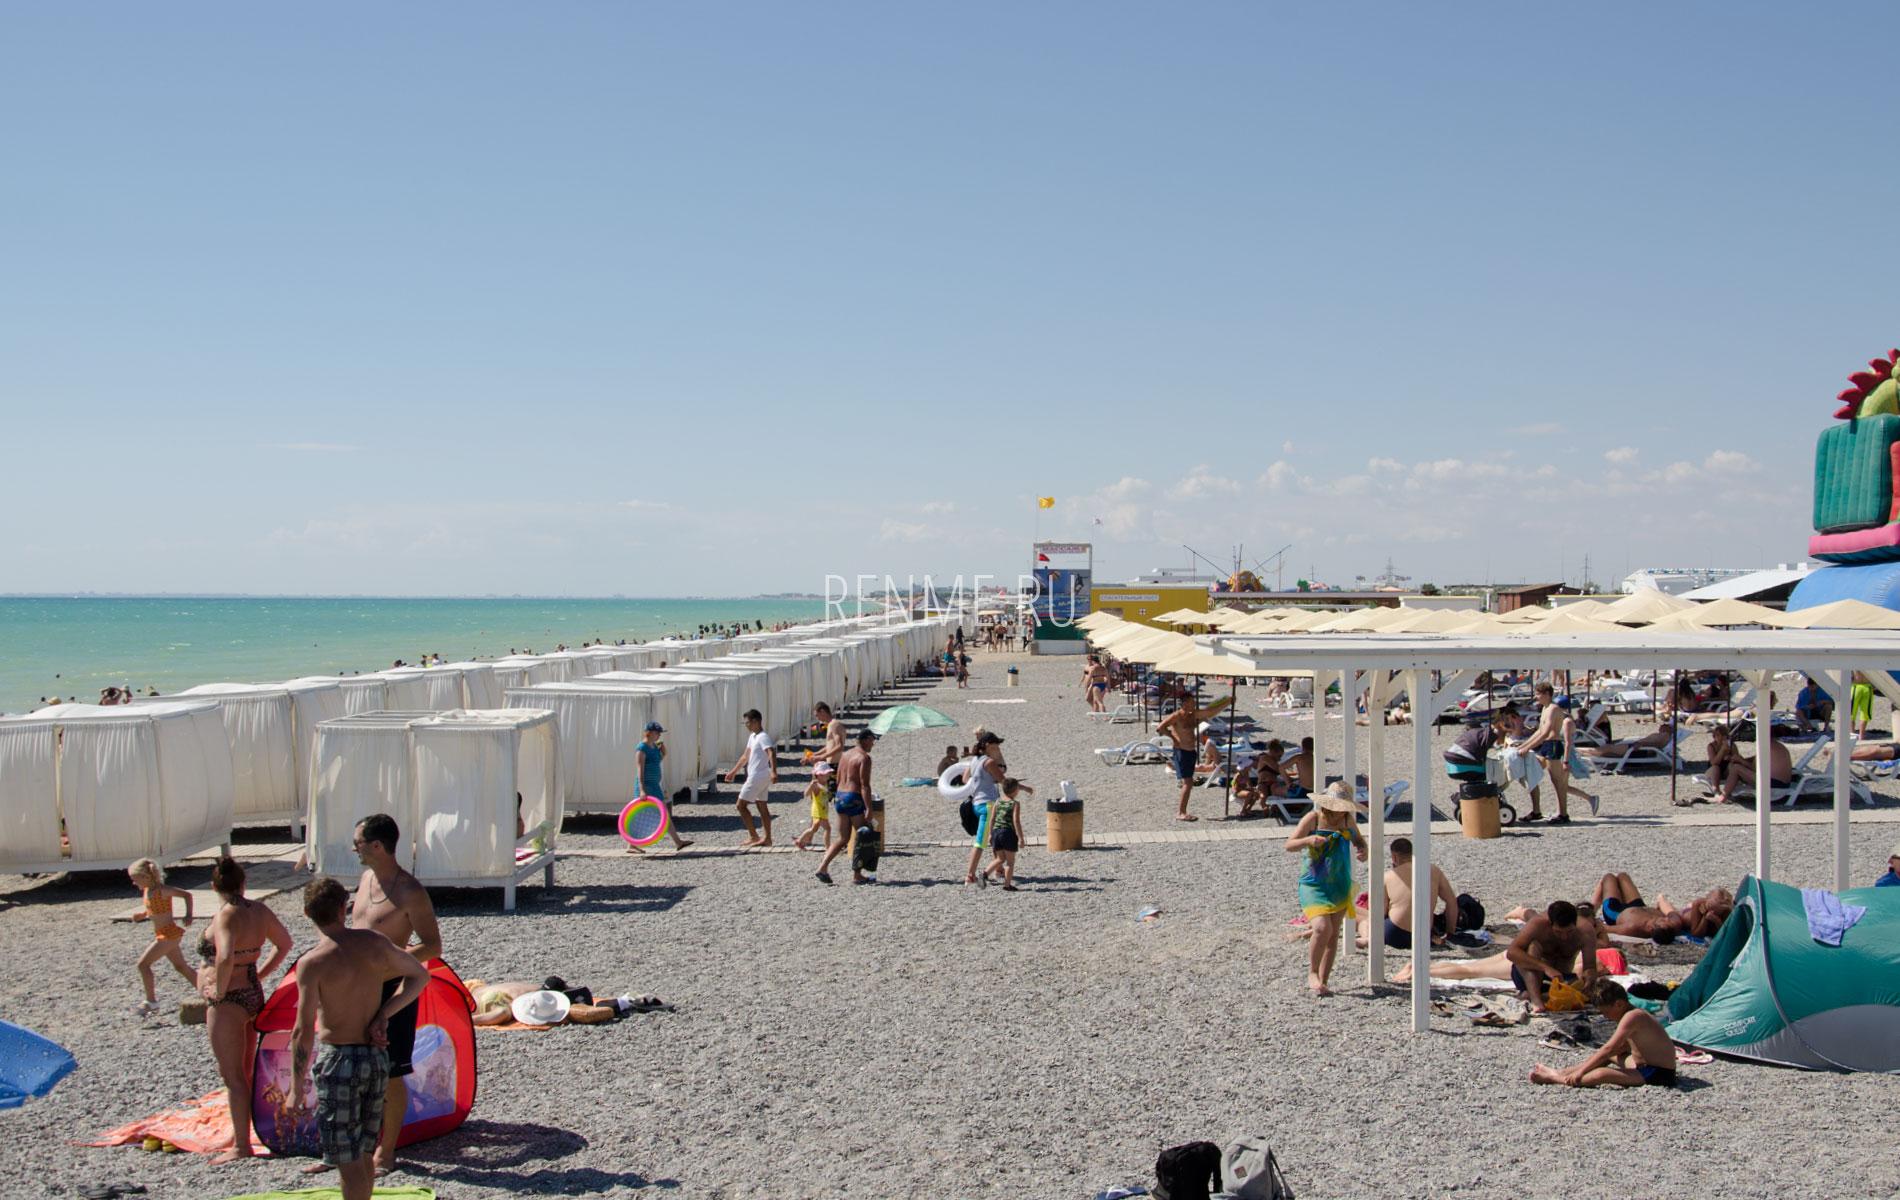 Бунгало и зонтики на пляже. Фото Новофедоровки